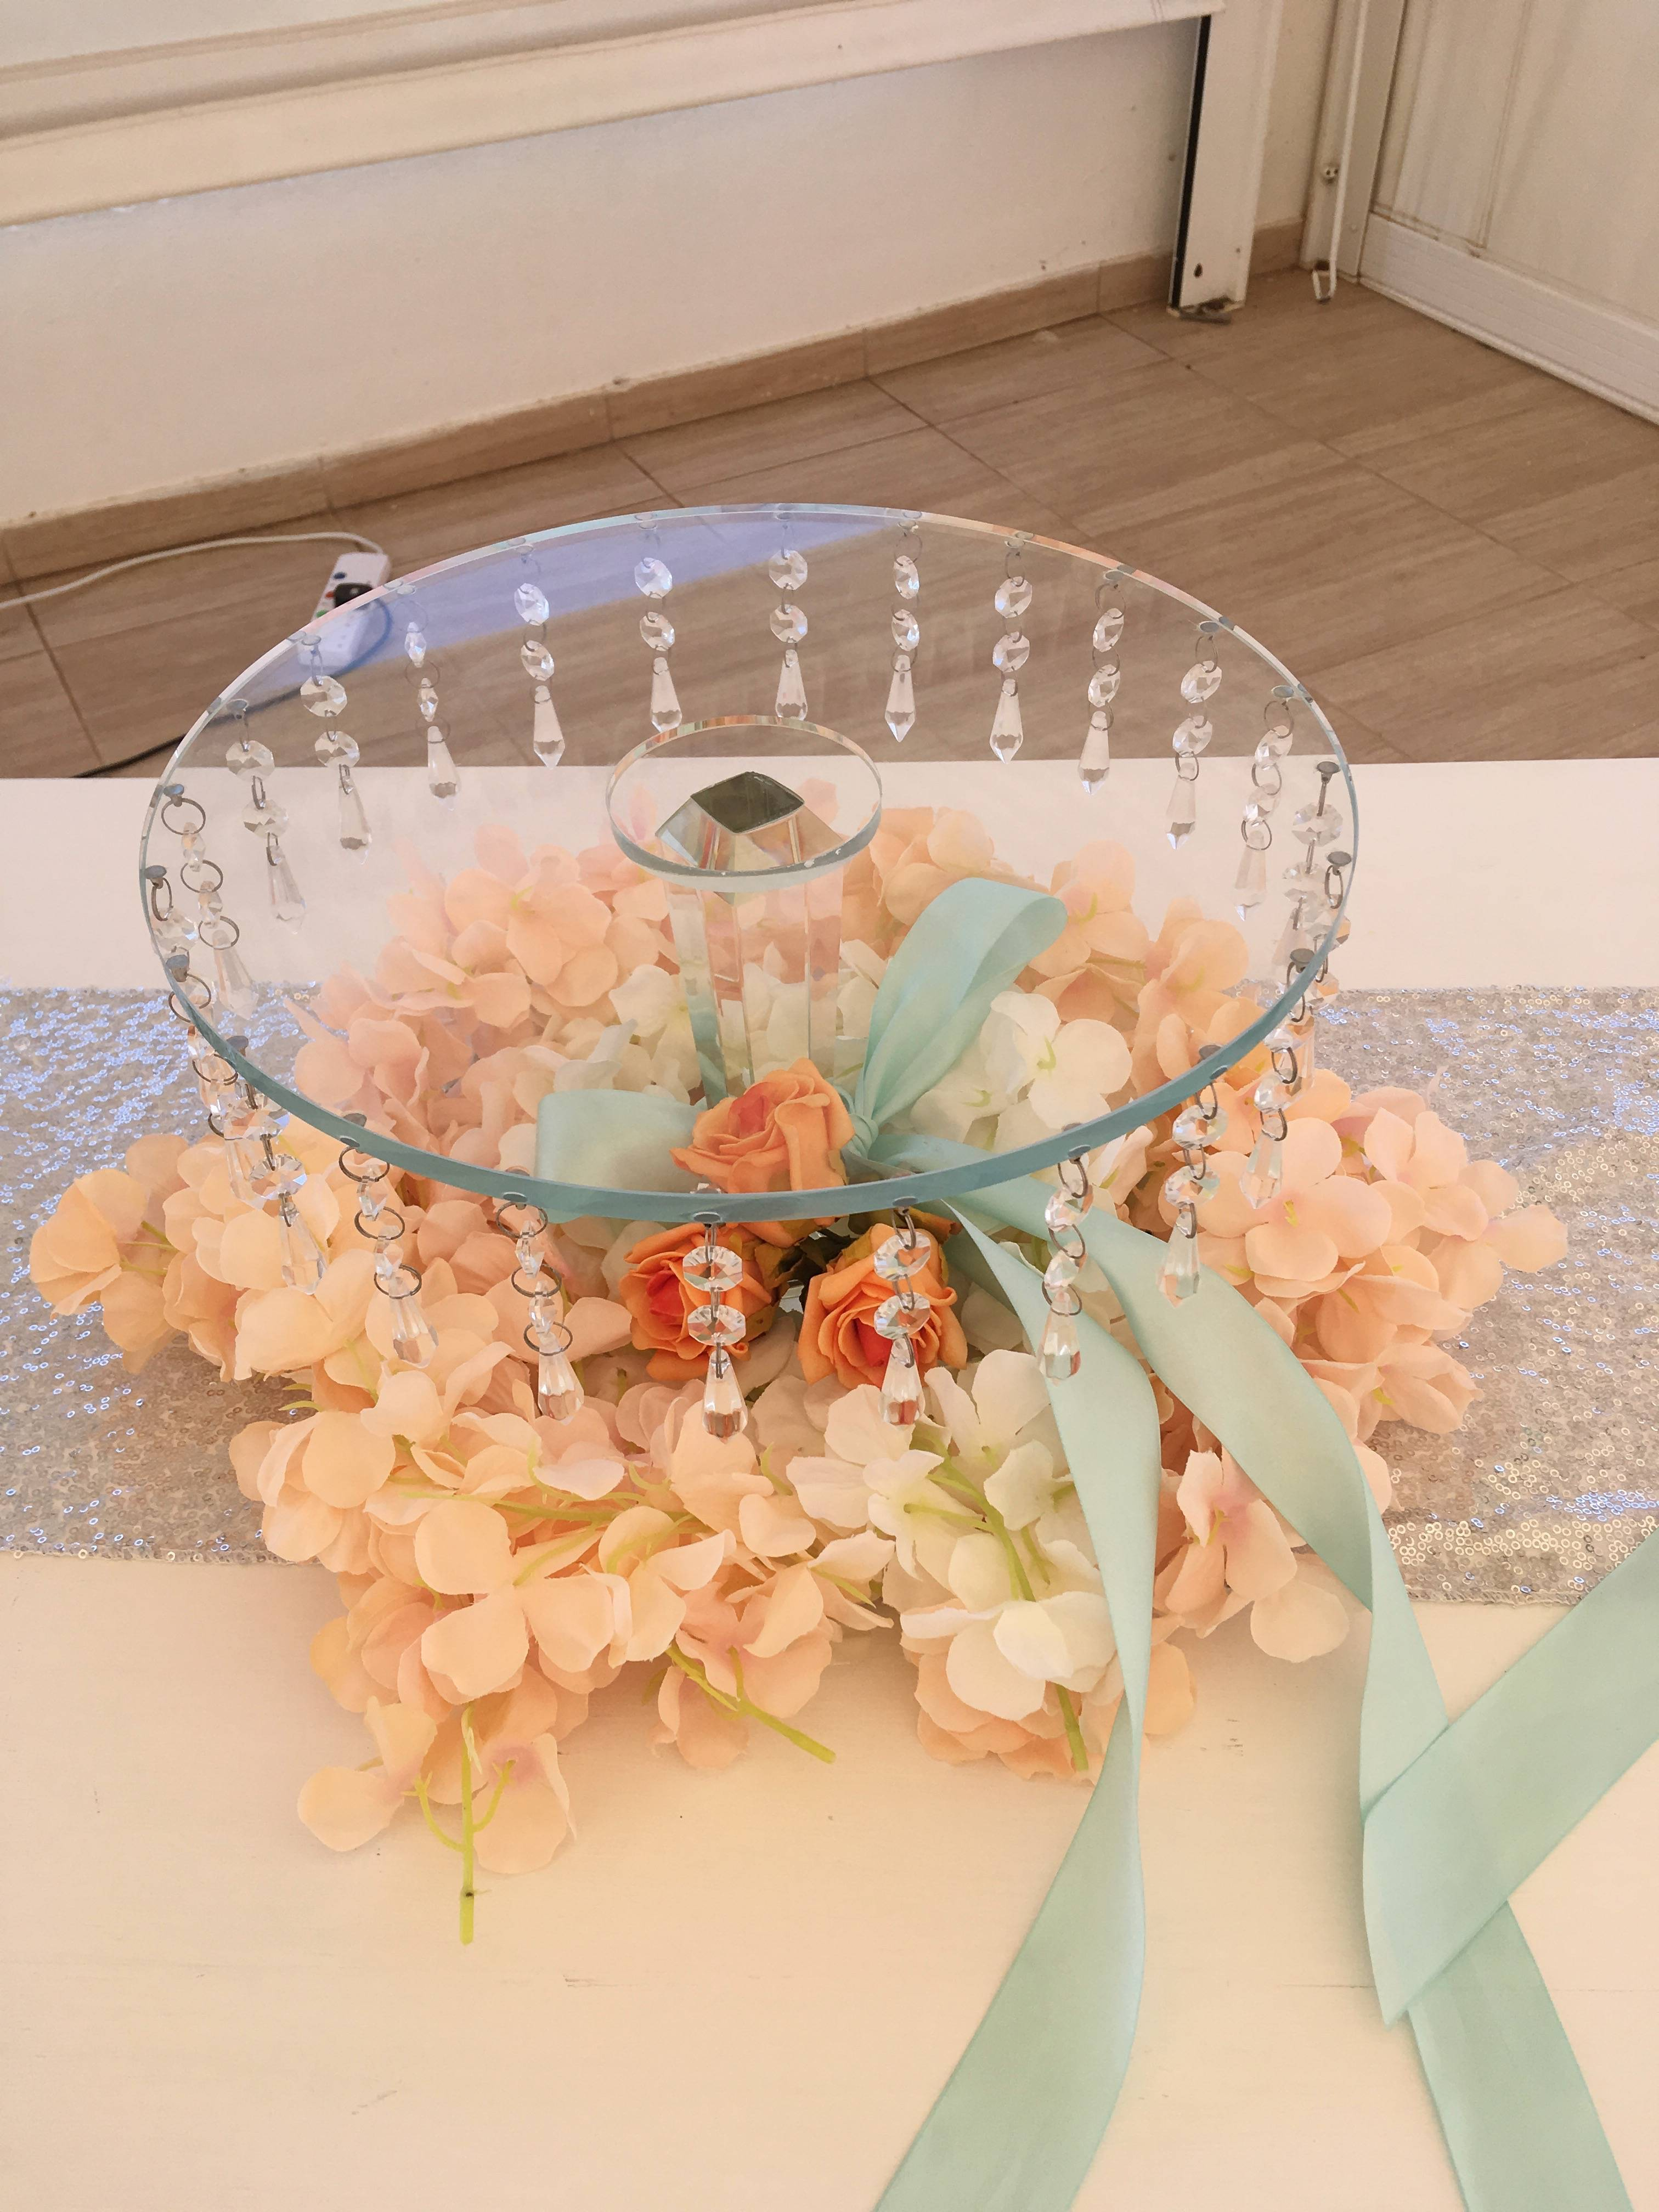 Cake stand decor.